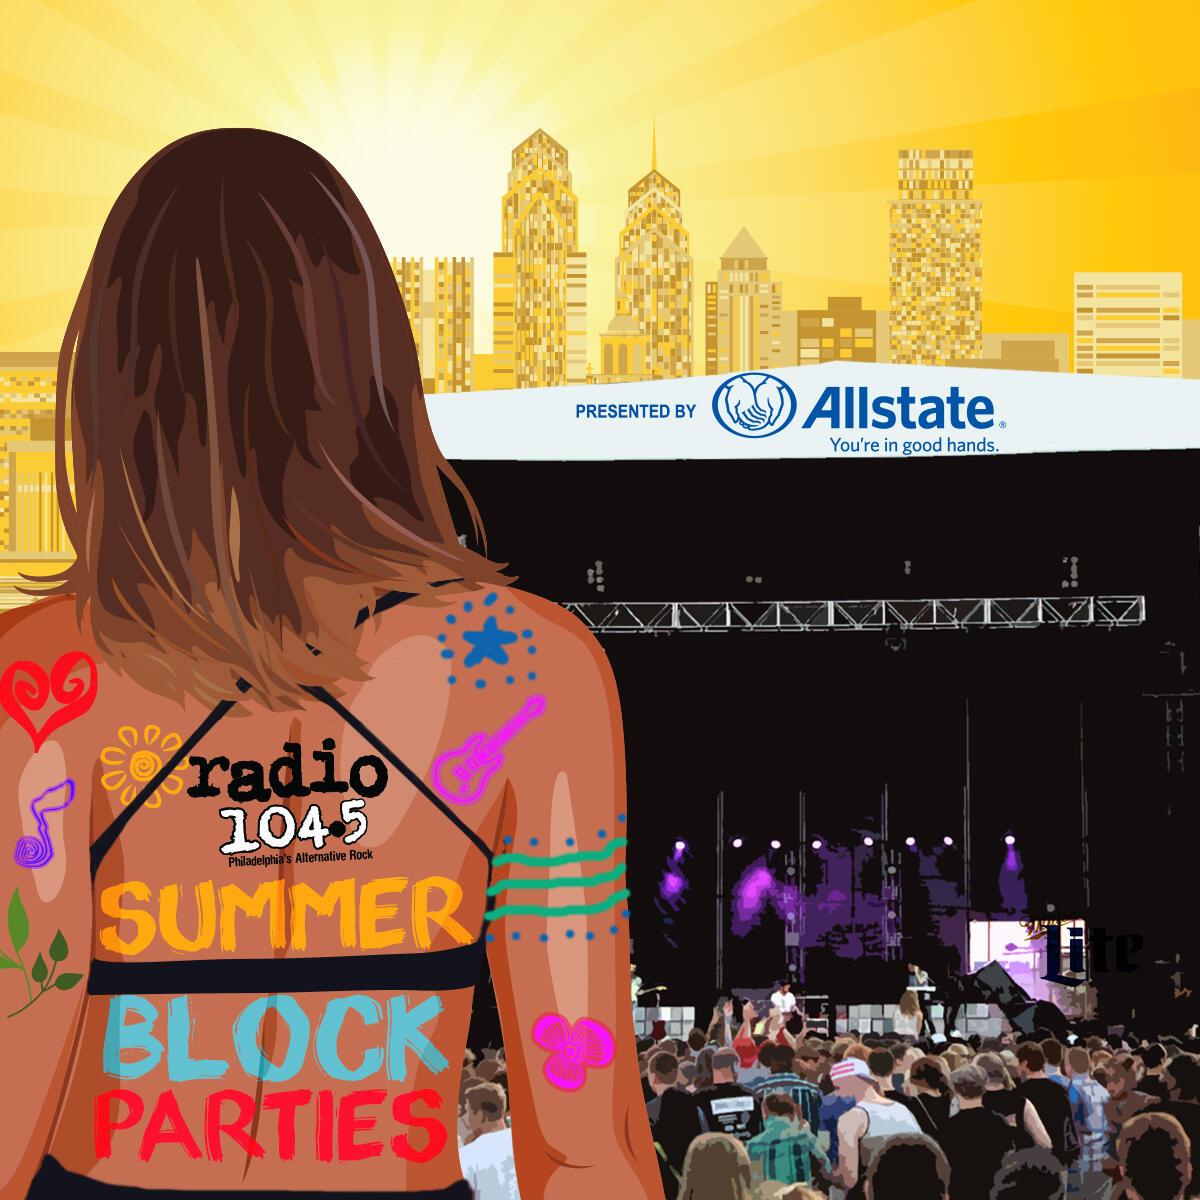 2018 Summer Block Parties